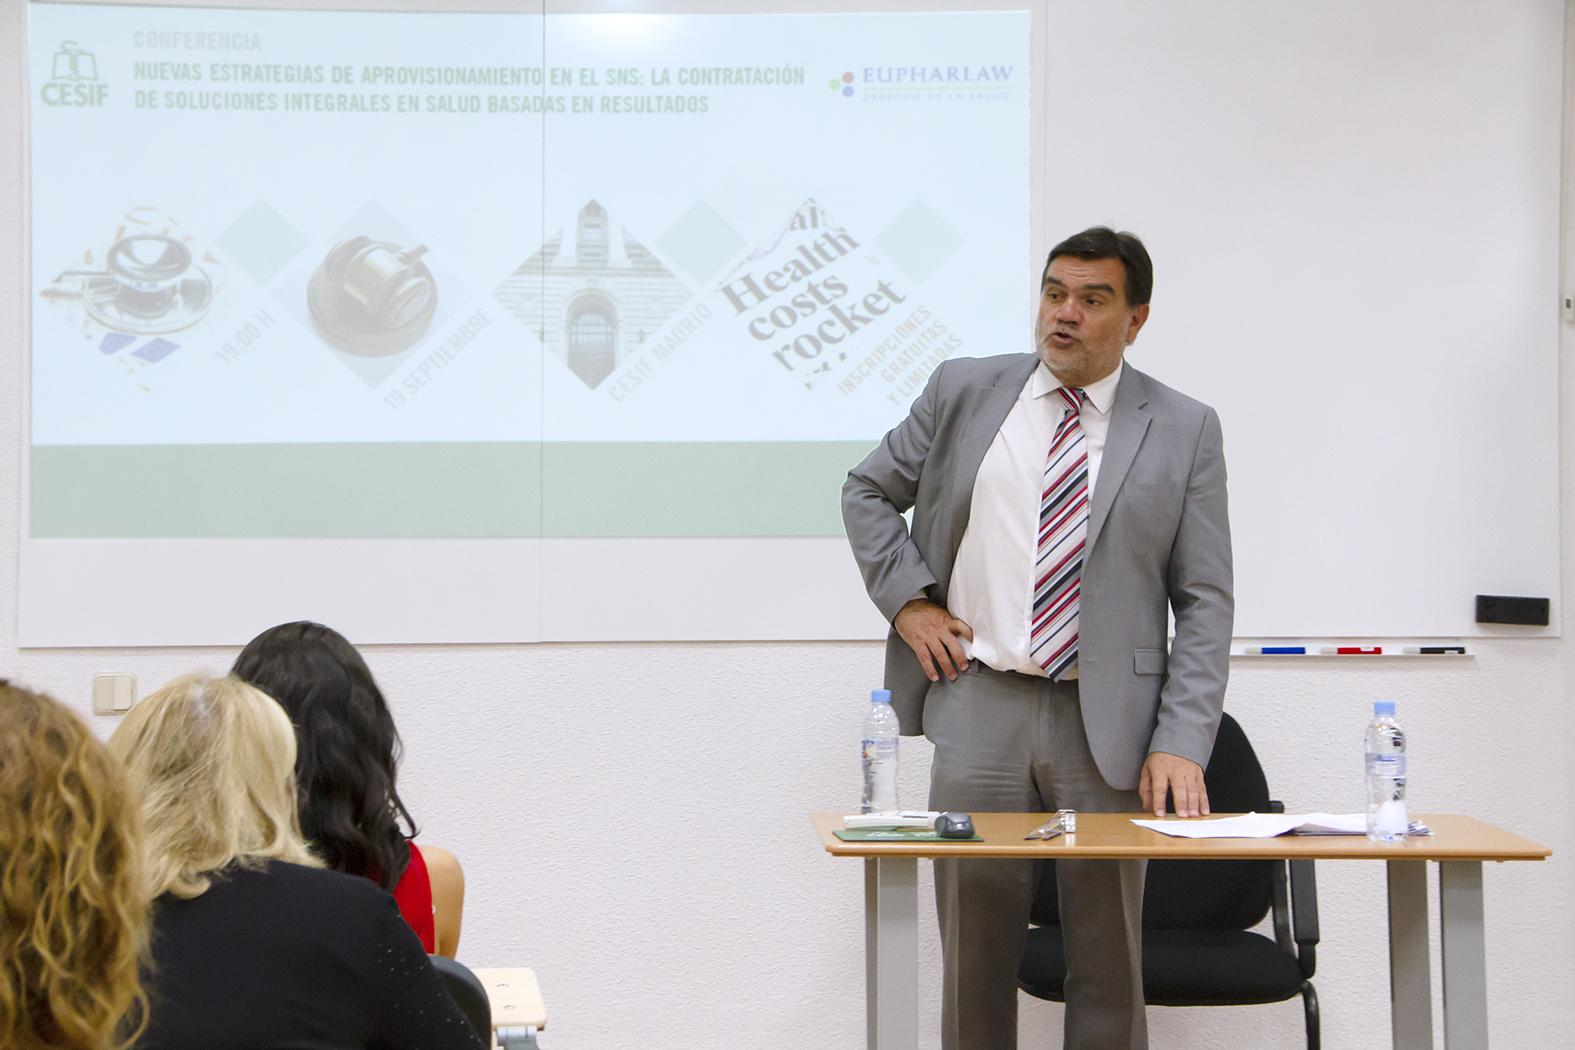 conferencia estrategias aprovisionamiento sns